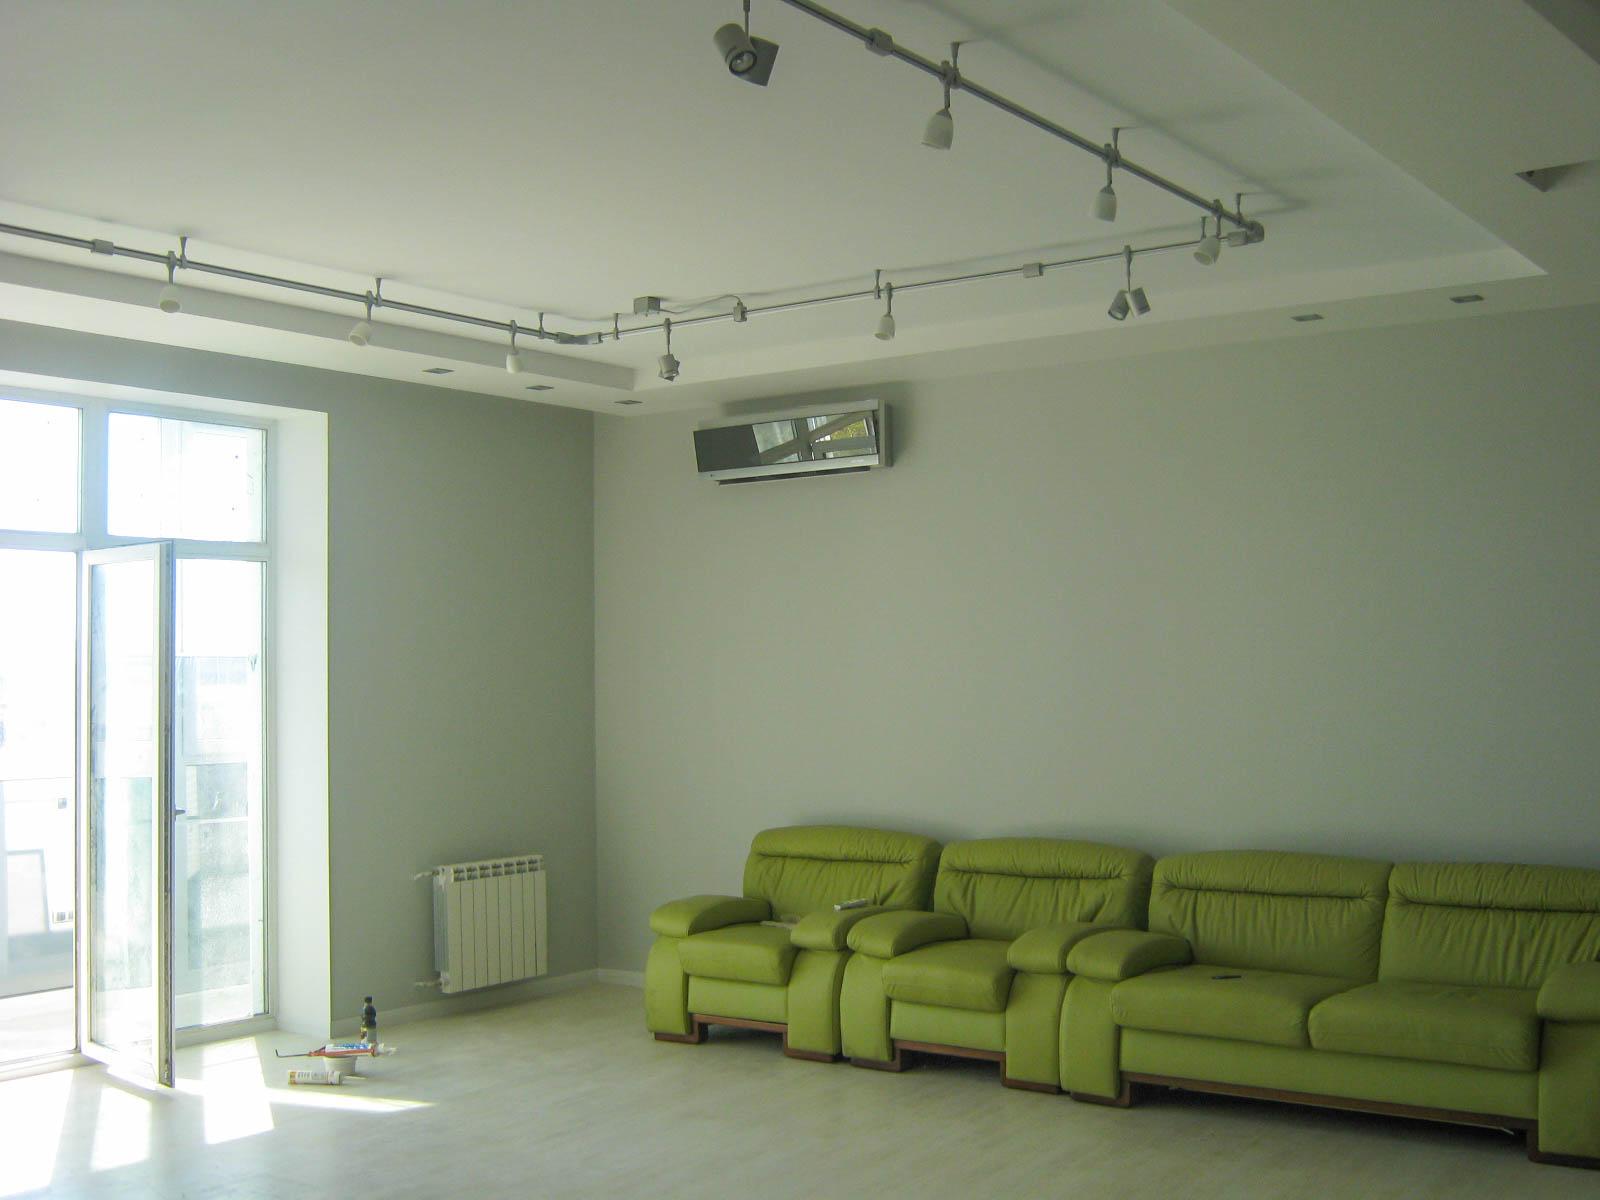 3-х комнатная квартира в Абакане